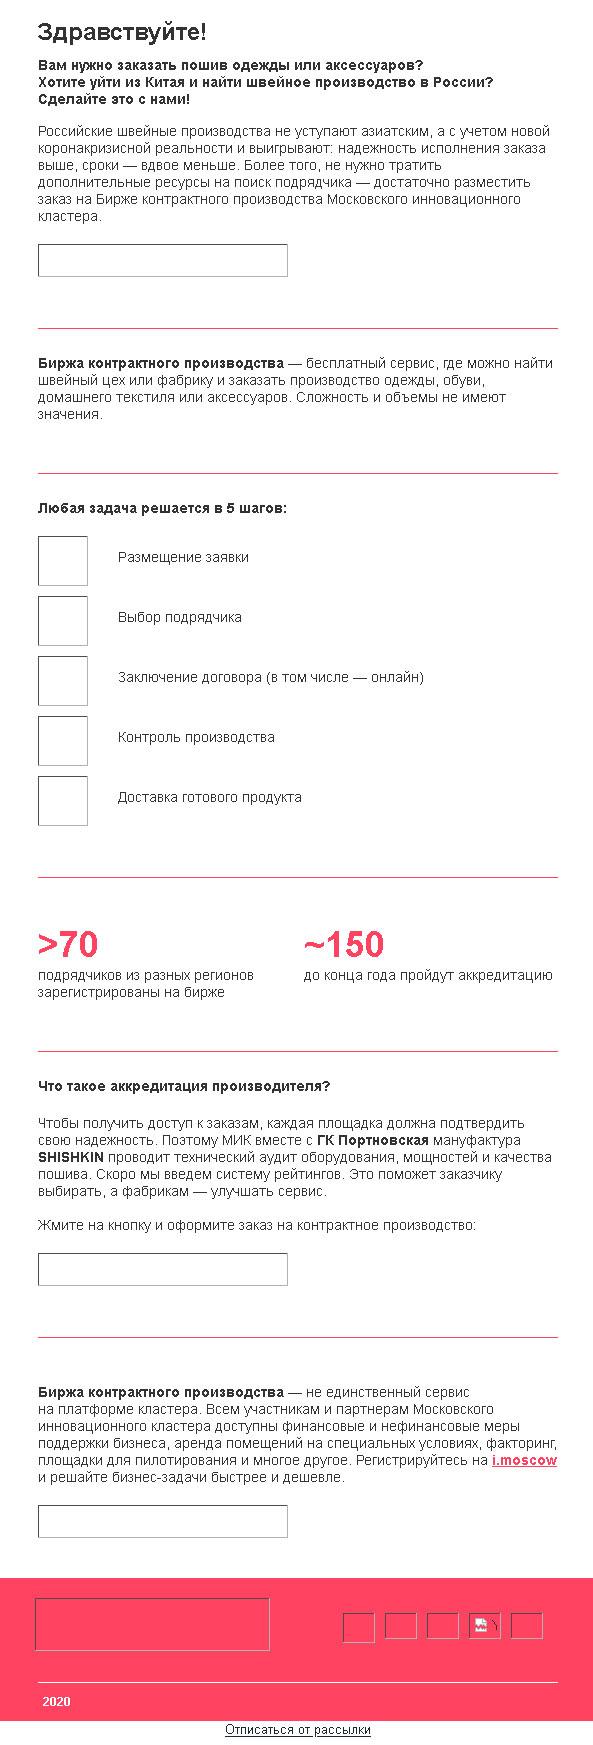 ДИТ Москвы, коронобесие, большие данные: преступление и наказание - 2